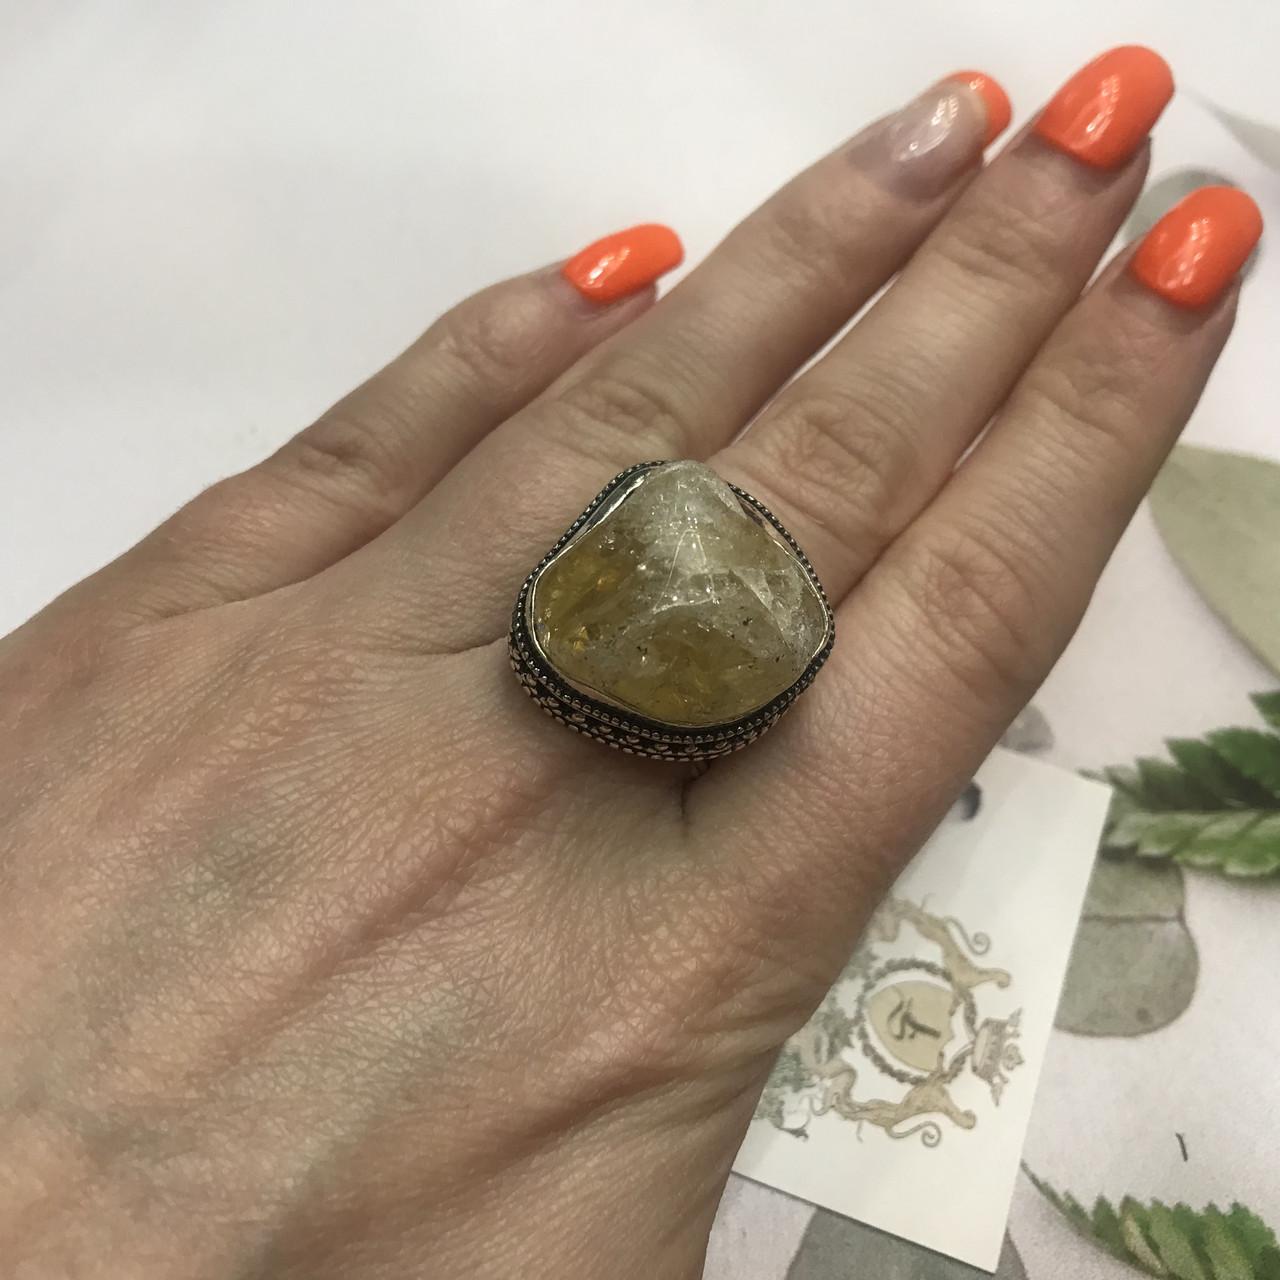 Цитрин 19,4 размер кольцо с натуральным цитрином кольцо с камнем цитрин желтый в серебре Индия